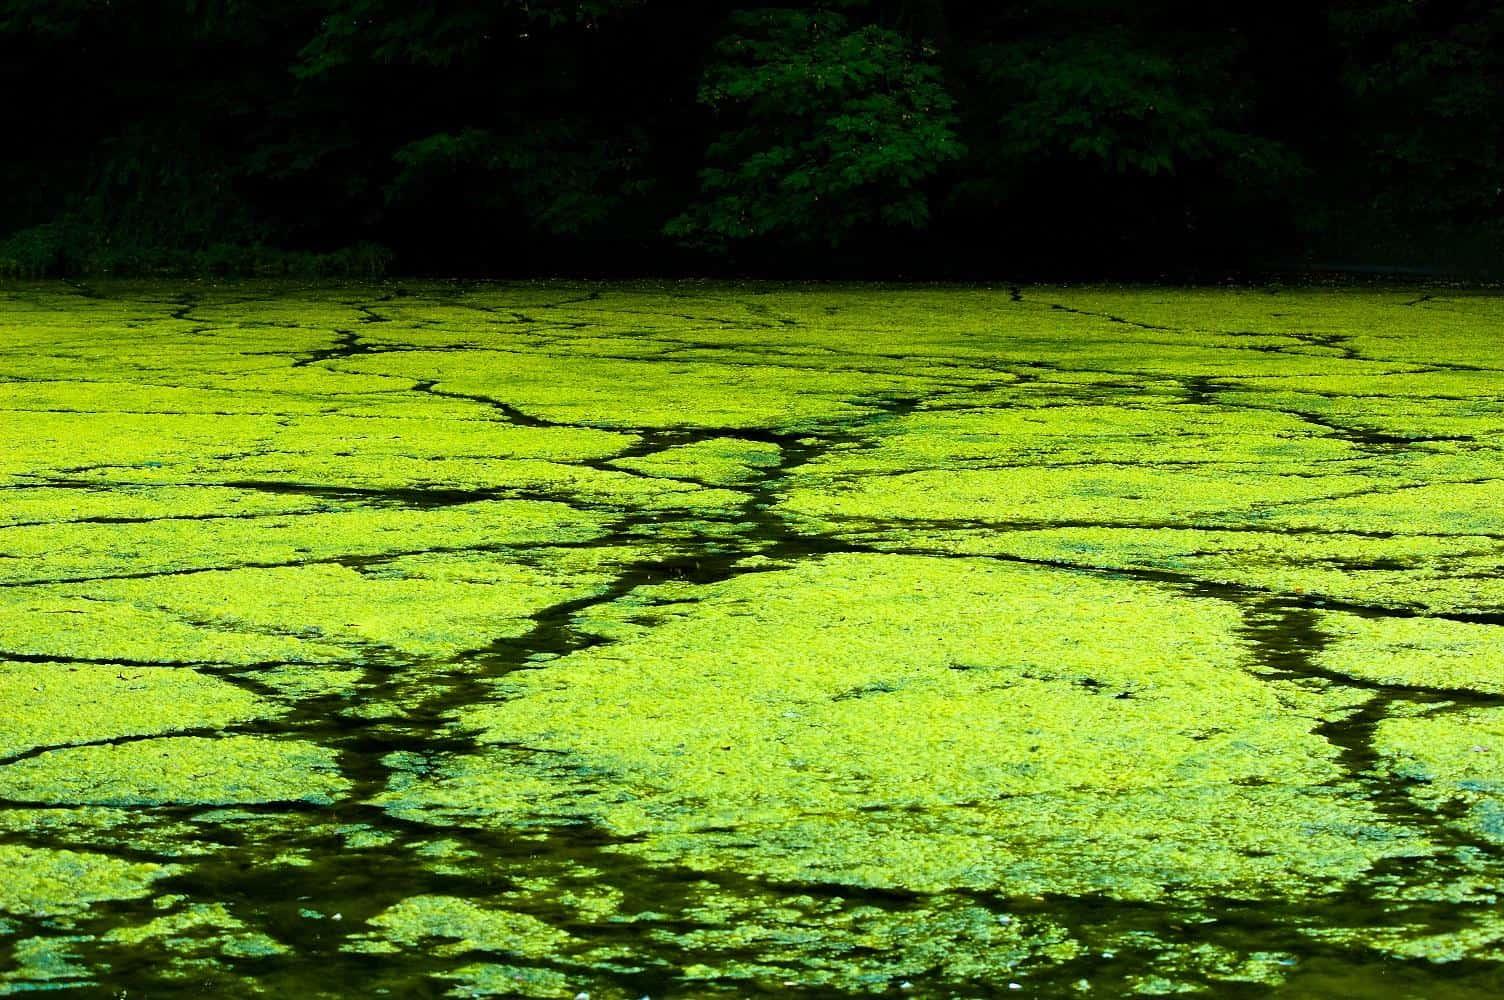 Algae Armageddon – doomsday scenario